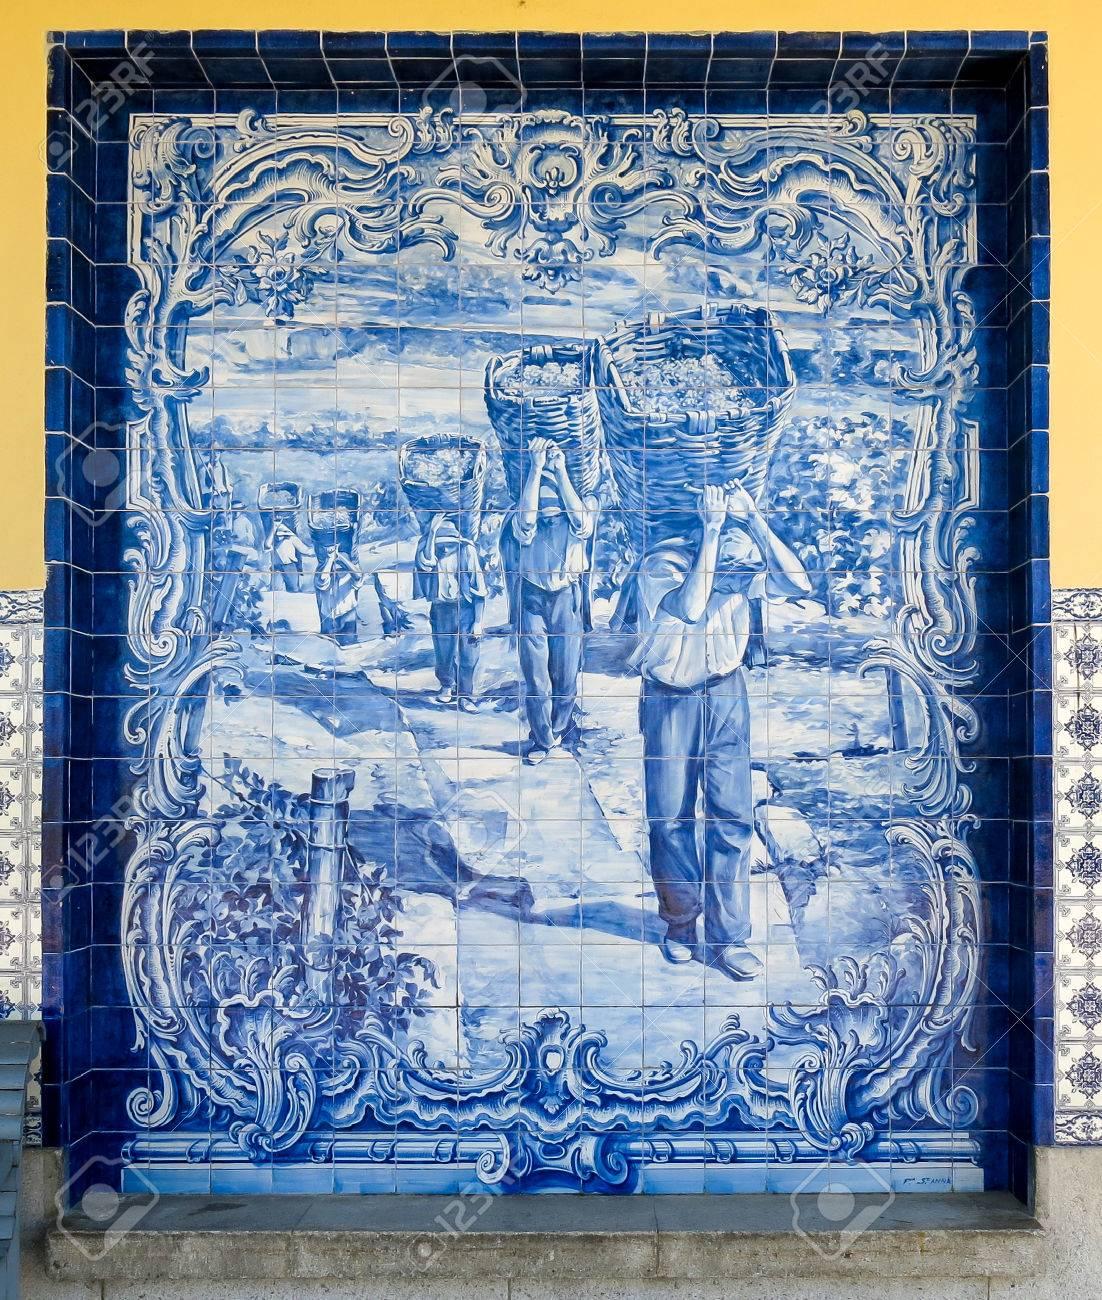 9a916b17767 Banque d images - Panneau d azulejos tilework sur la gare de Pocinho en  vallée de la rivière Douro près de la frontière espagnole au Portugal